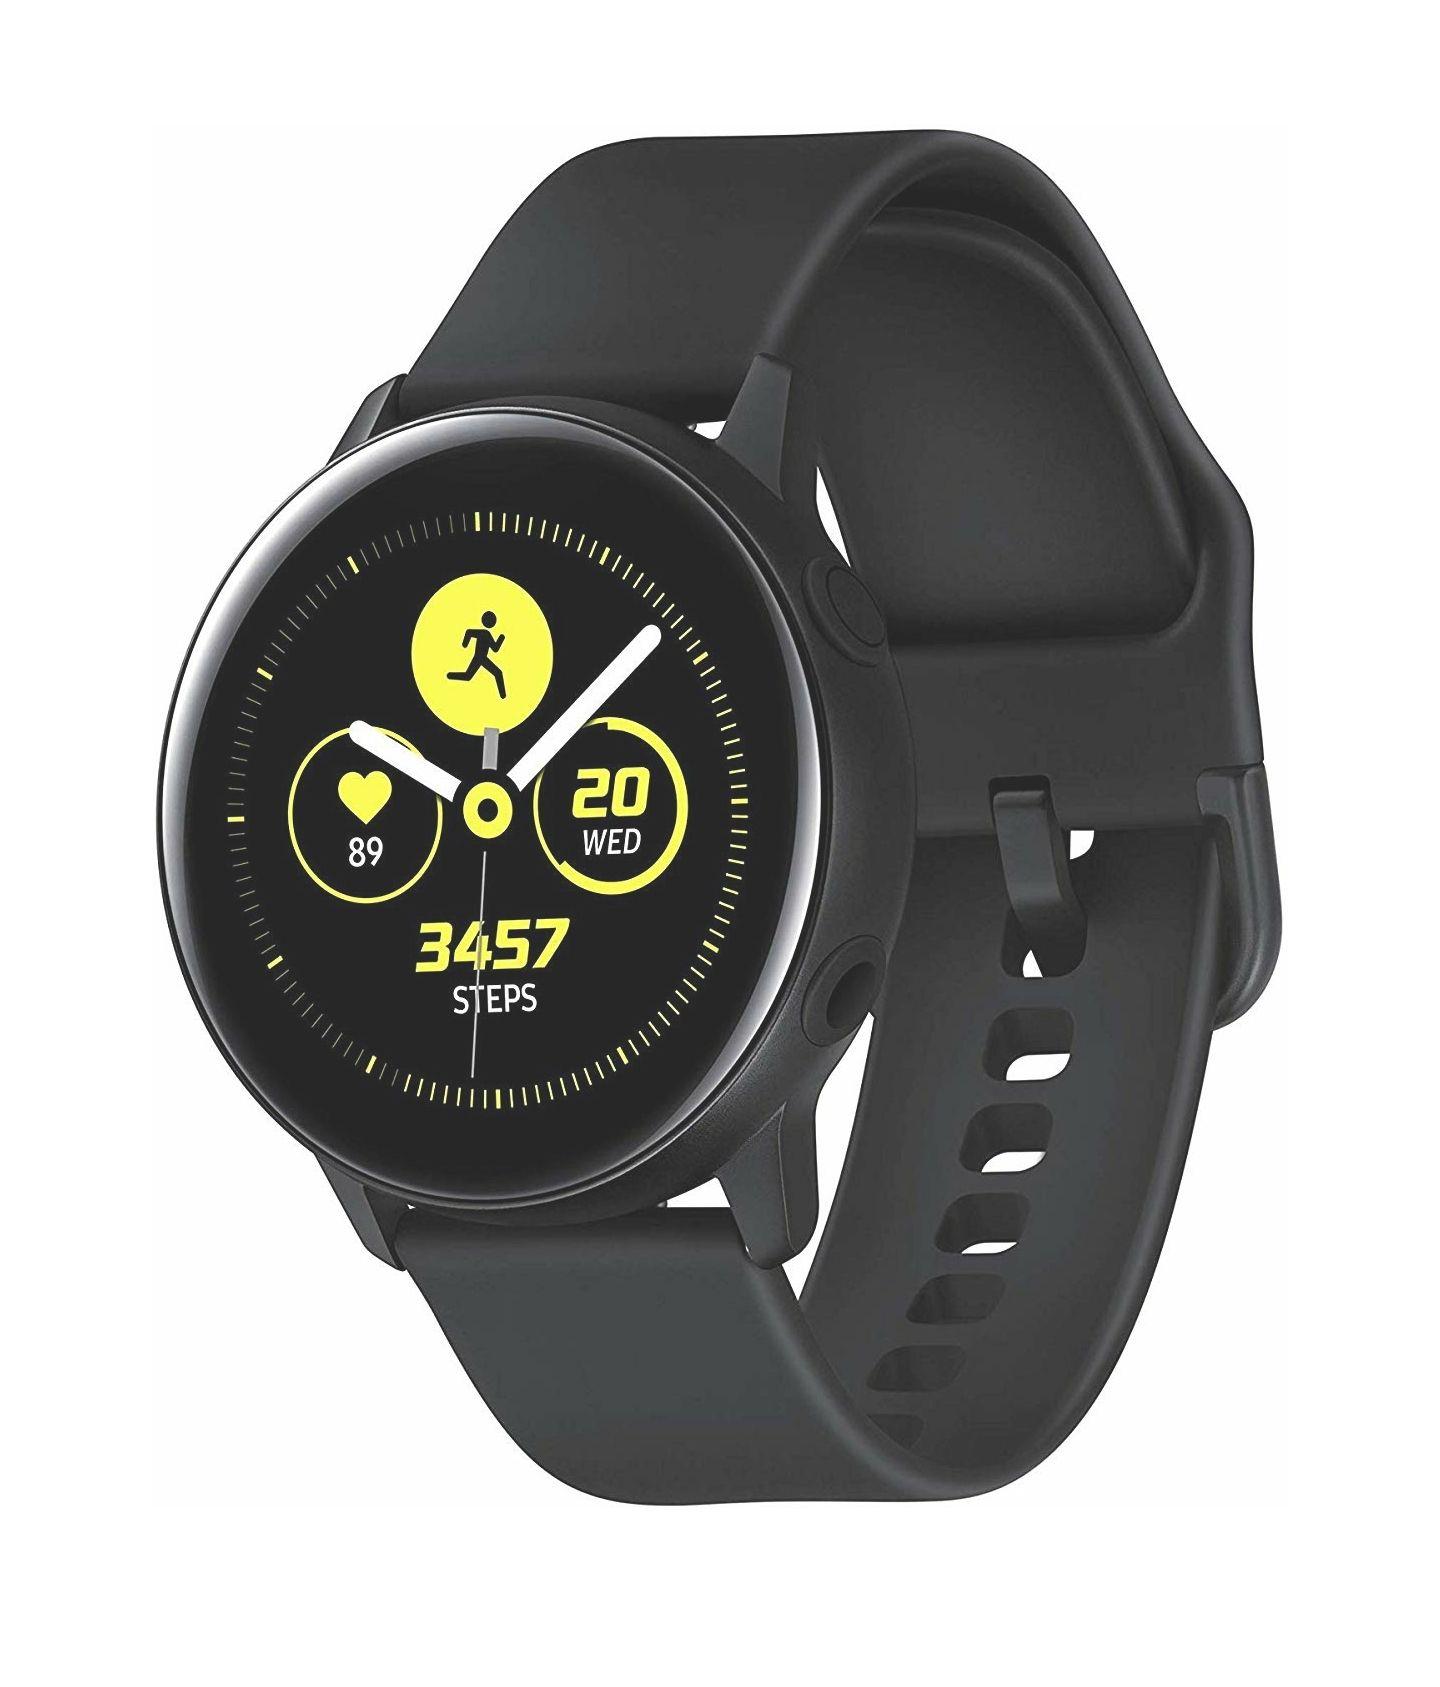 [Lightning Deal] Samsung Galaxy Watch Active